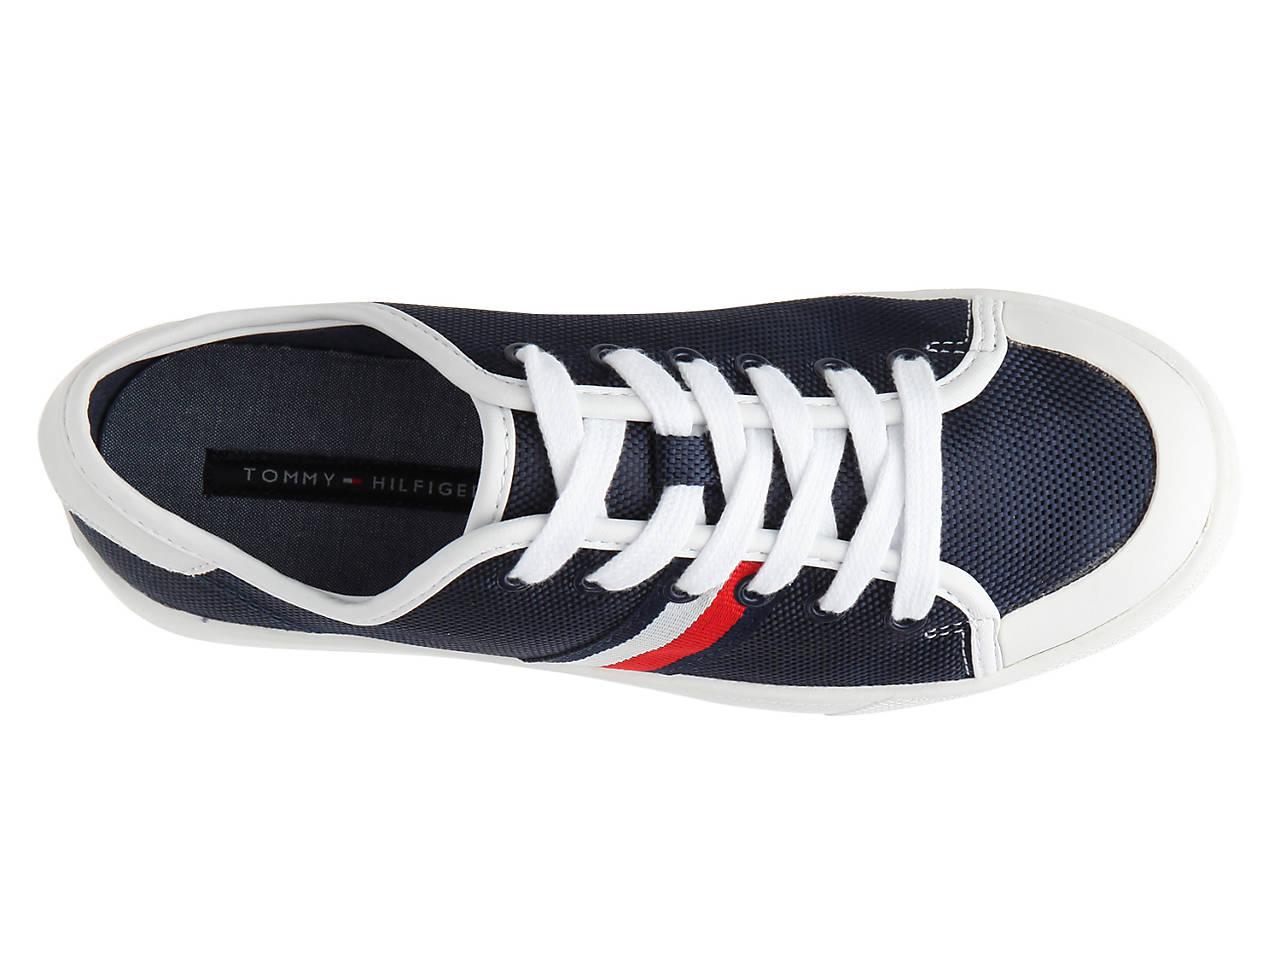 33fa3b775fd9 Tommy Hilfiger Spruce Sneaker Women s Shoes